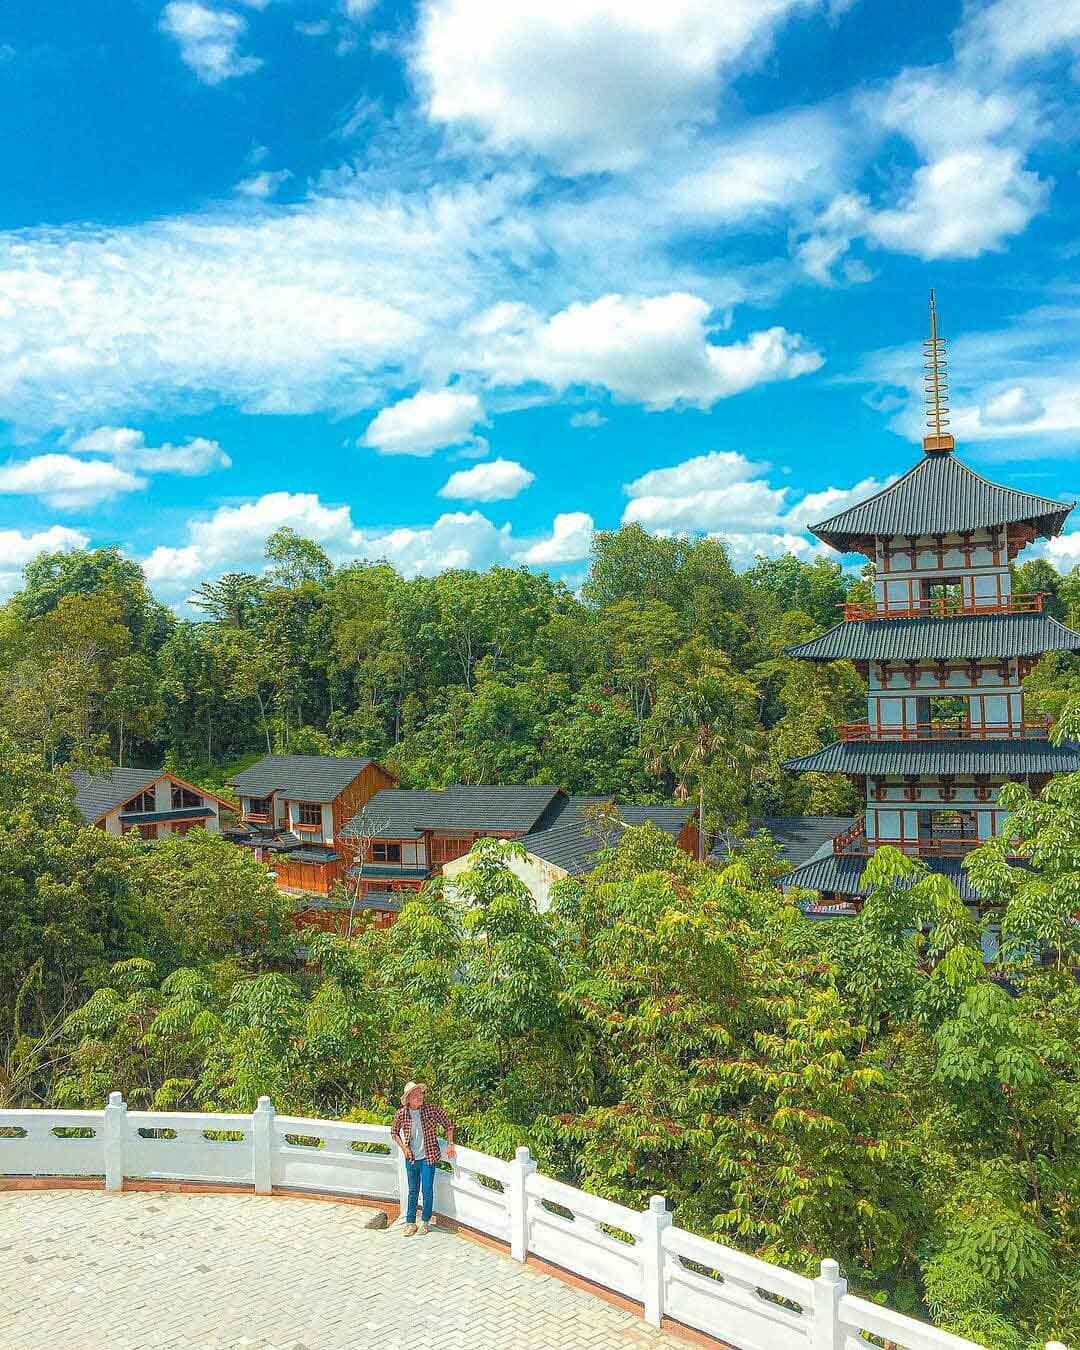 Pemandangan di Asia Heritage Pekanbaru Image From @robinsonhendra